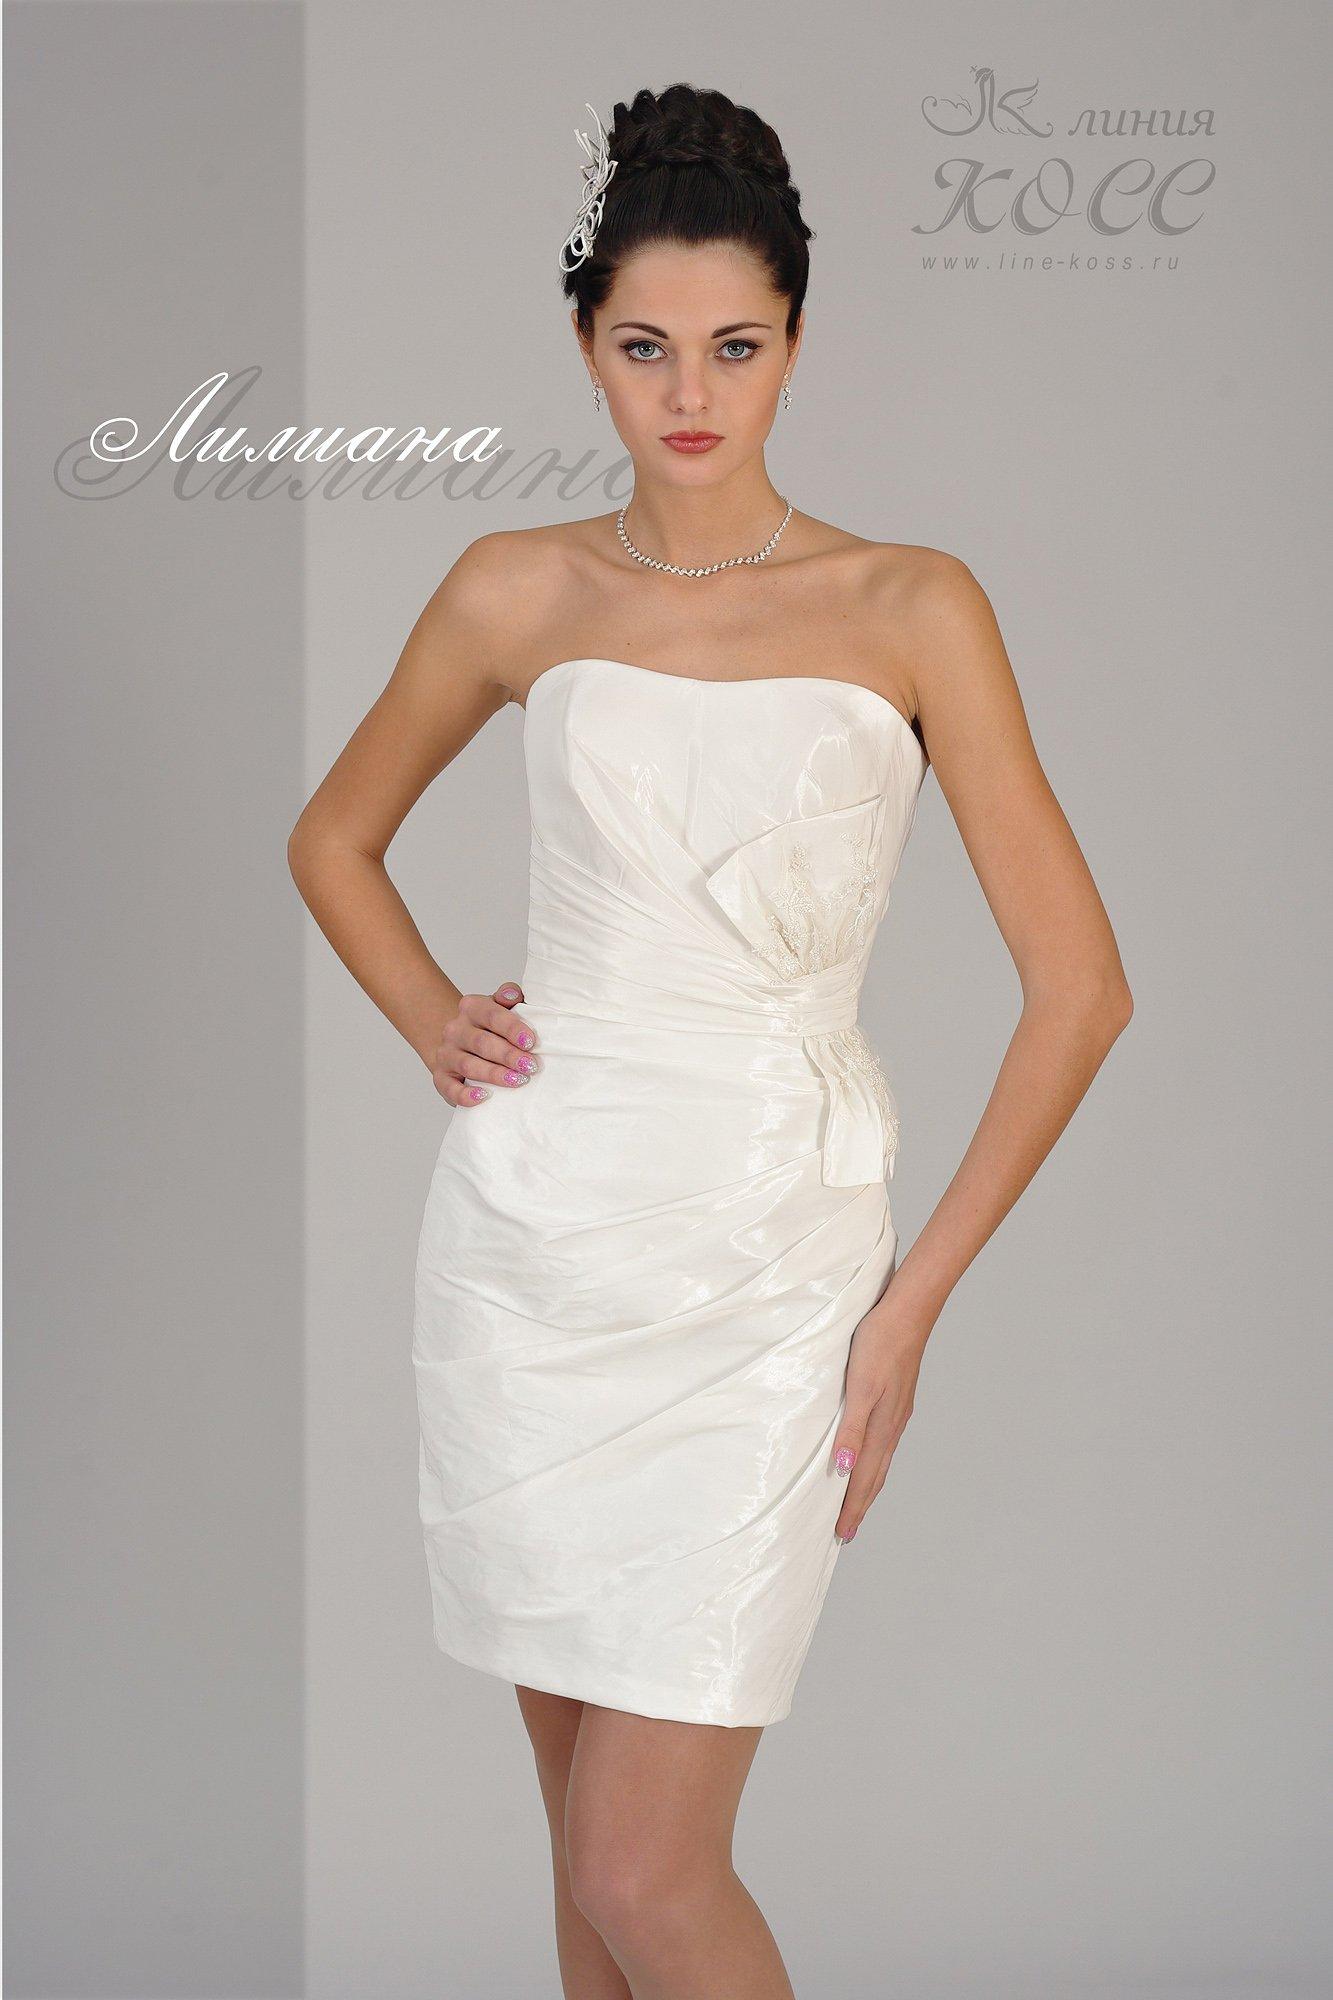 Купить Платье На Свадьбу В Твери